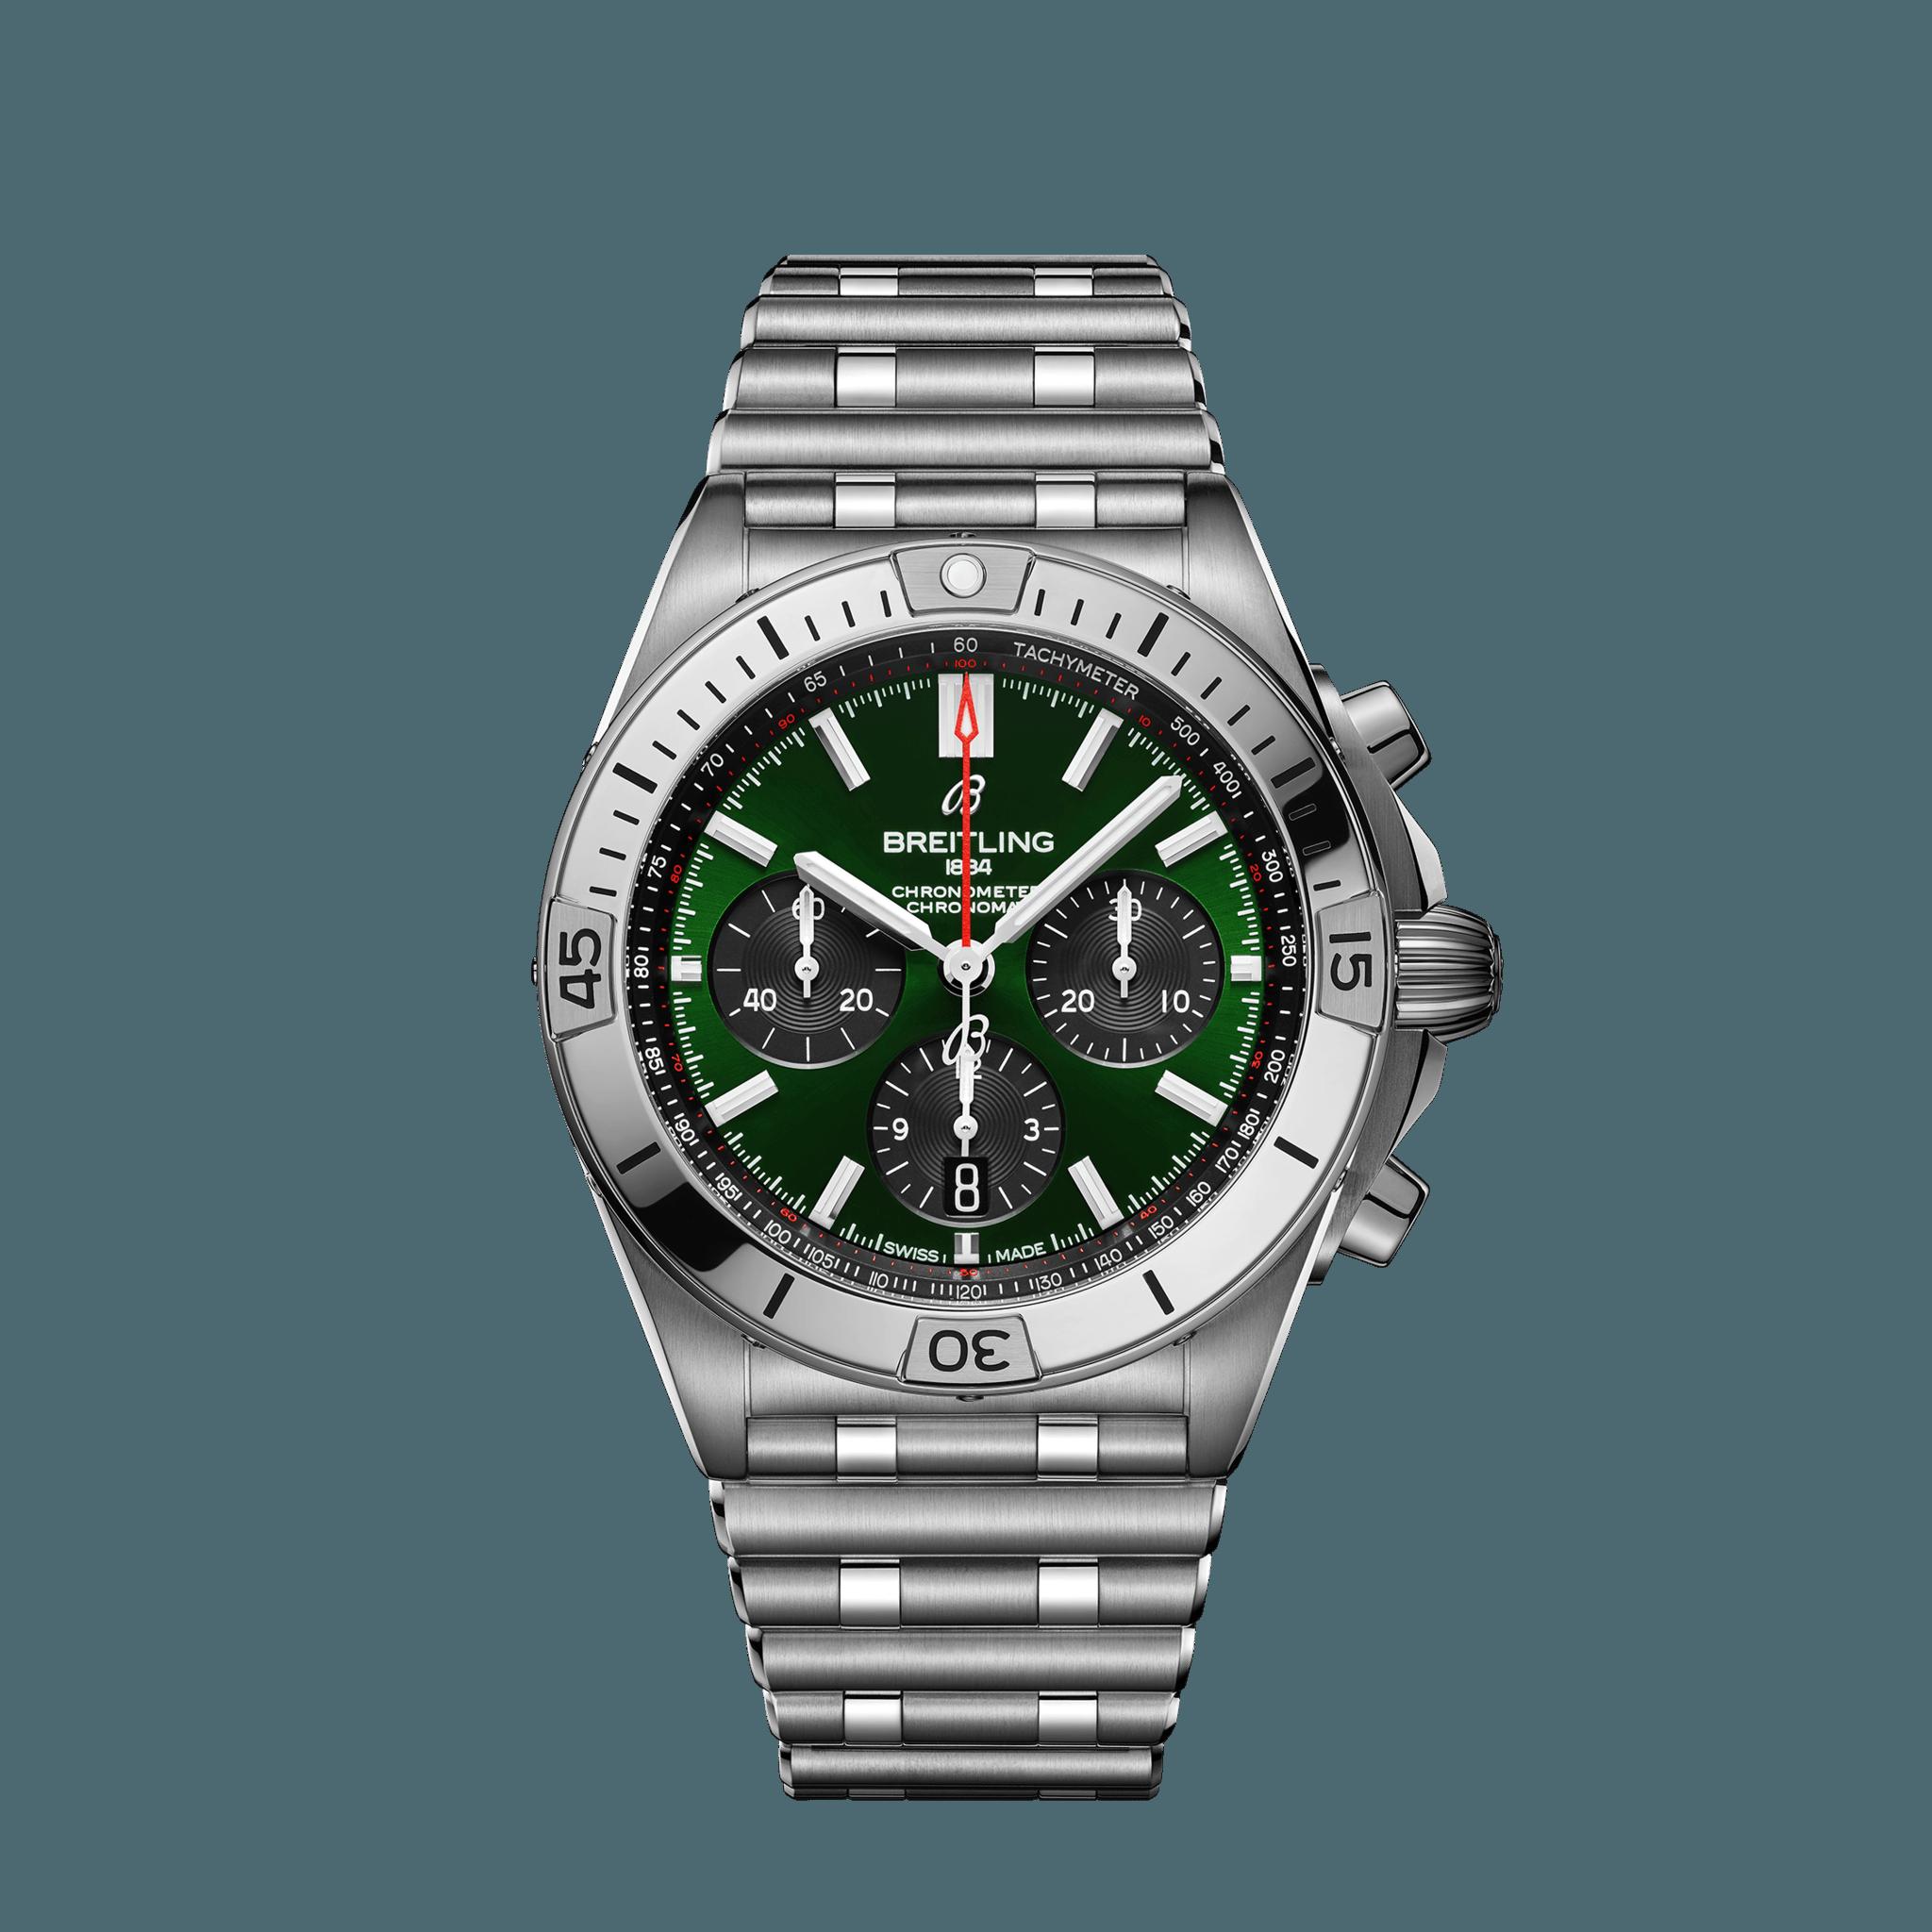 Breitling Chronomat 42mm Caliber B01